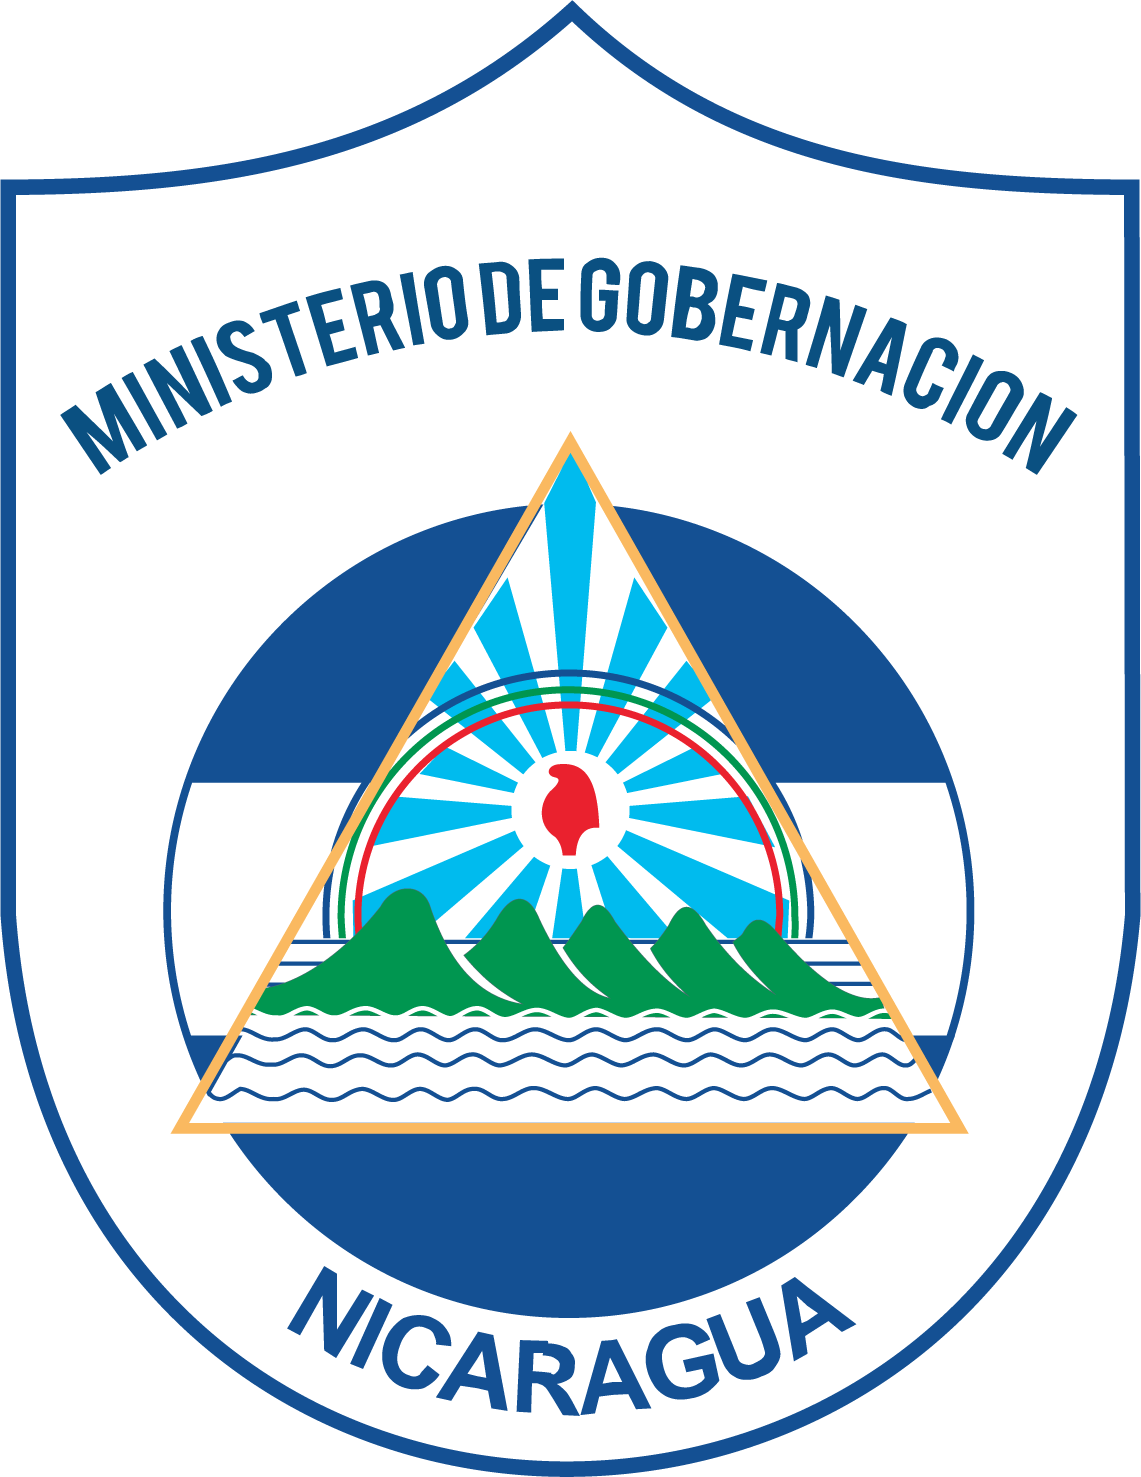 Ministerio de gobernación de Nicaragua